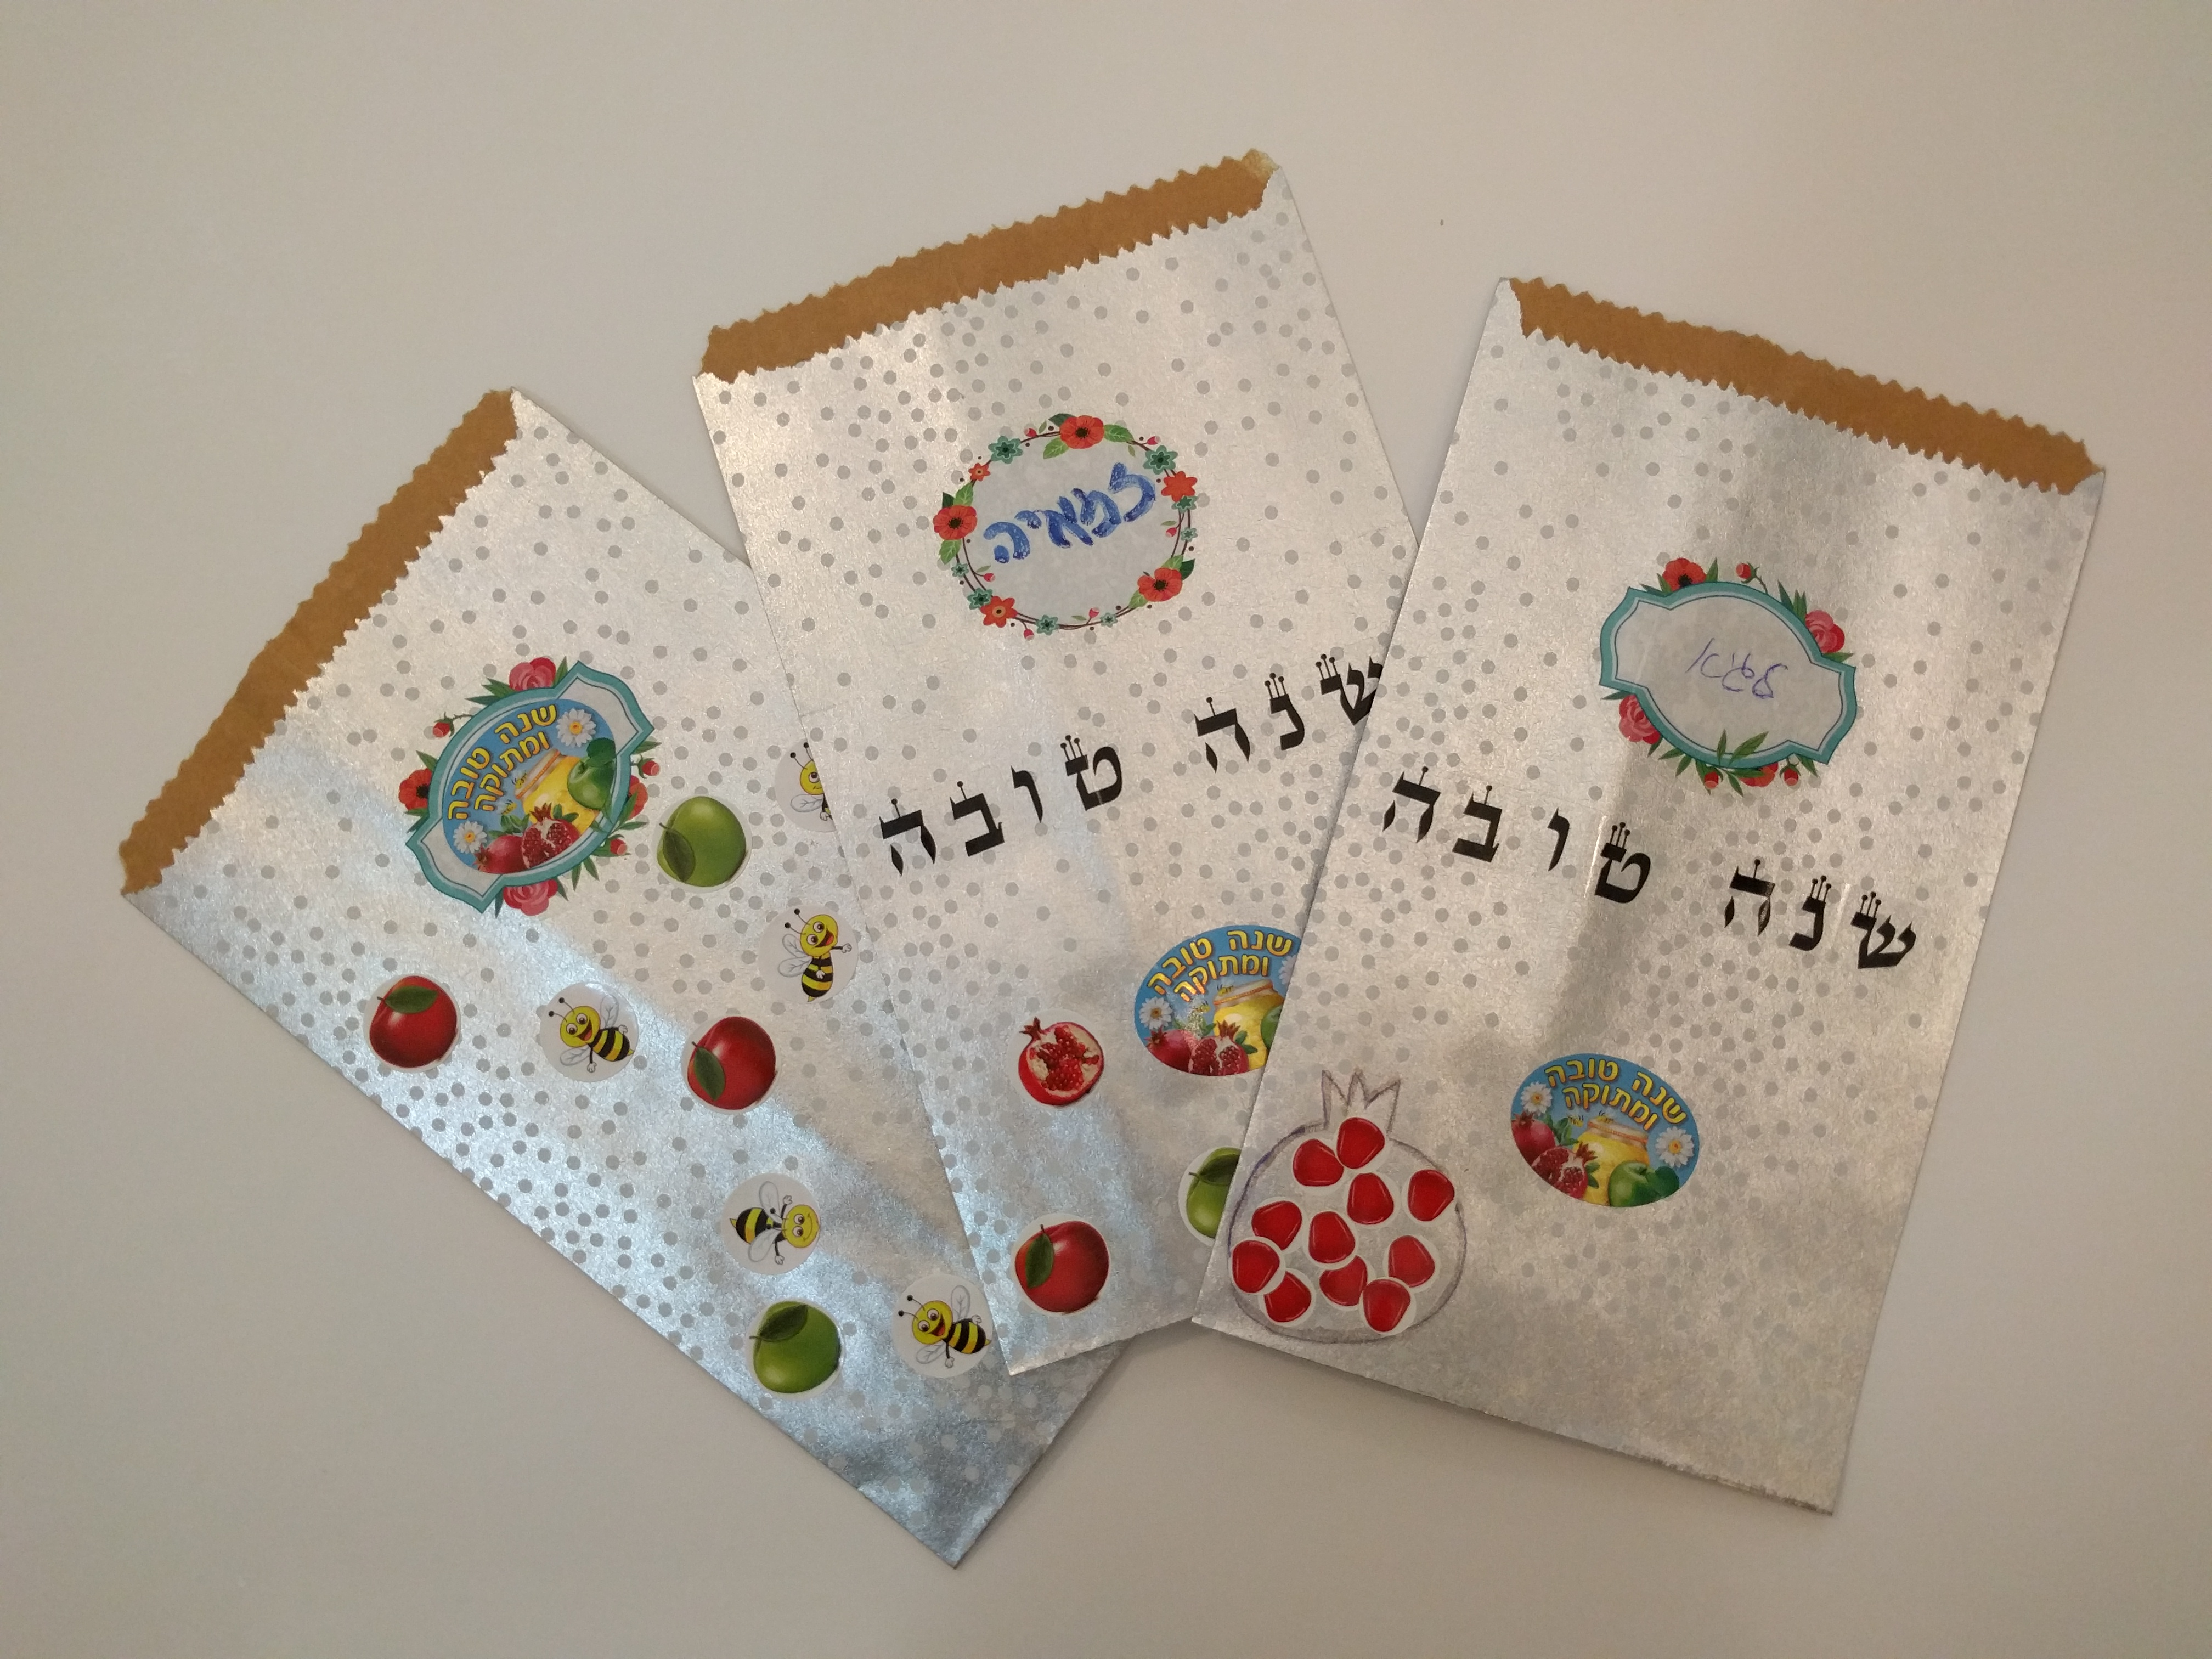 שנה טובה-מעטפות לברכות